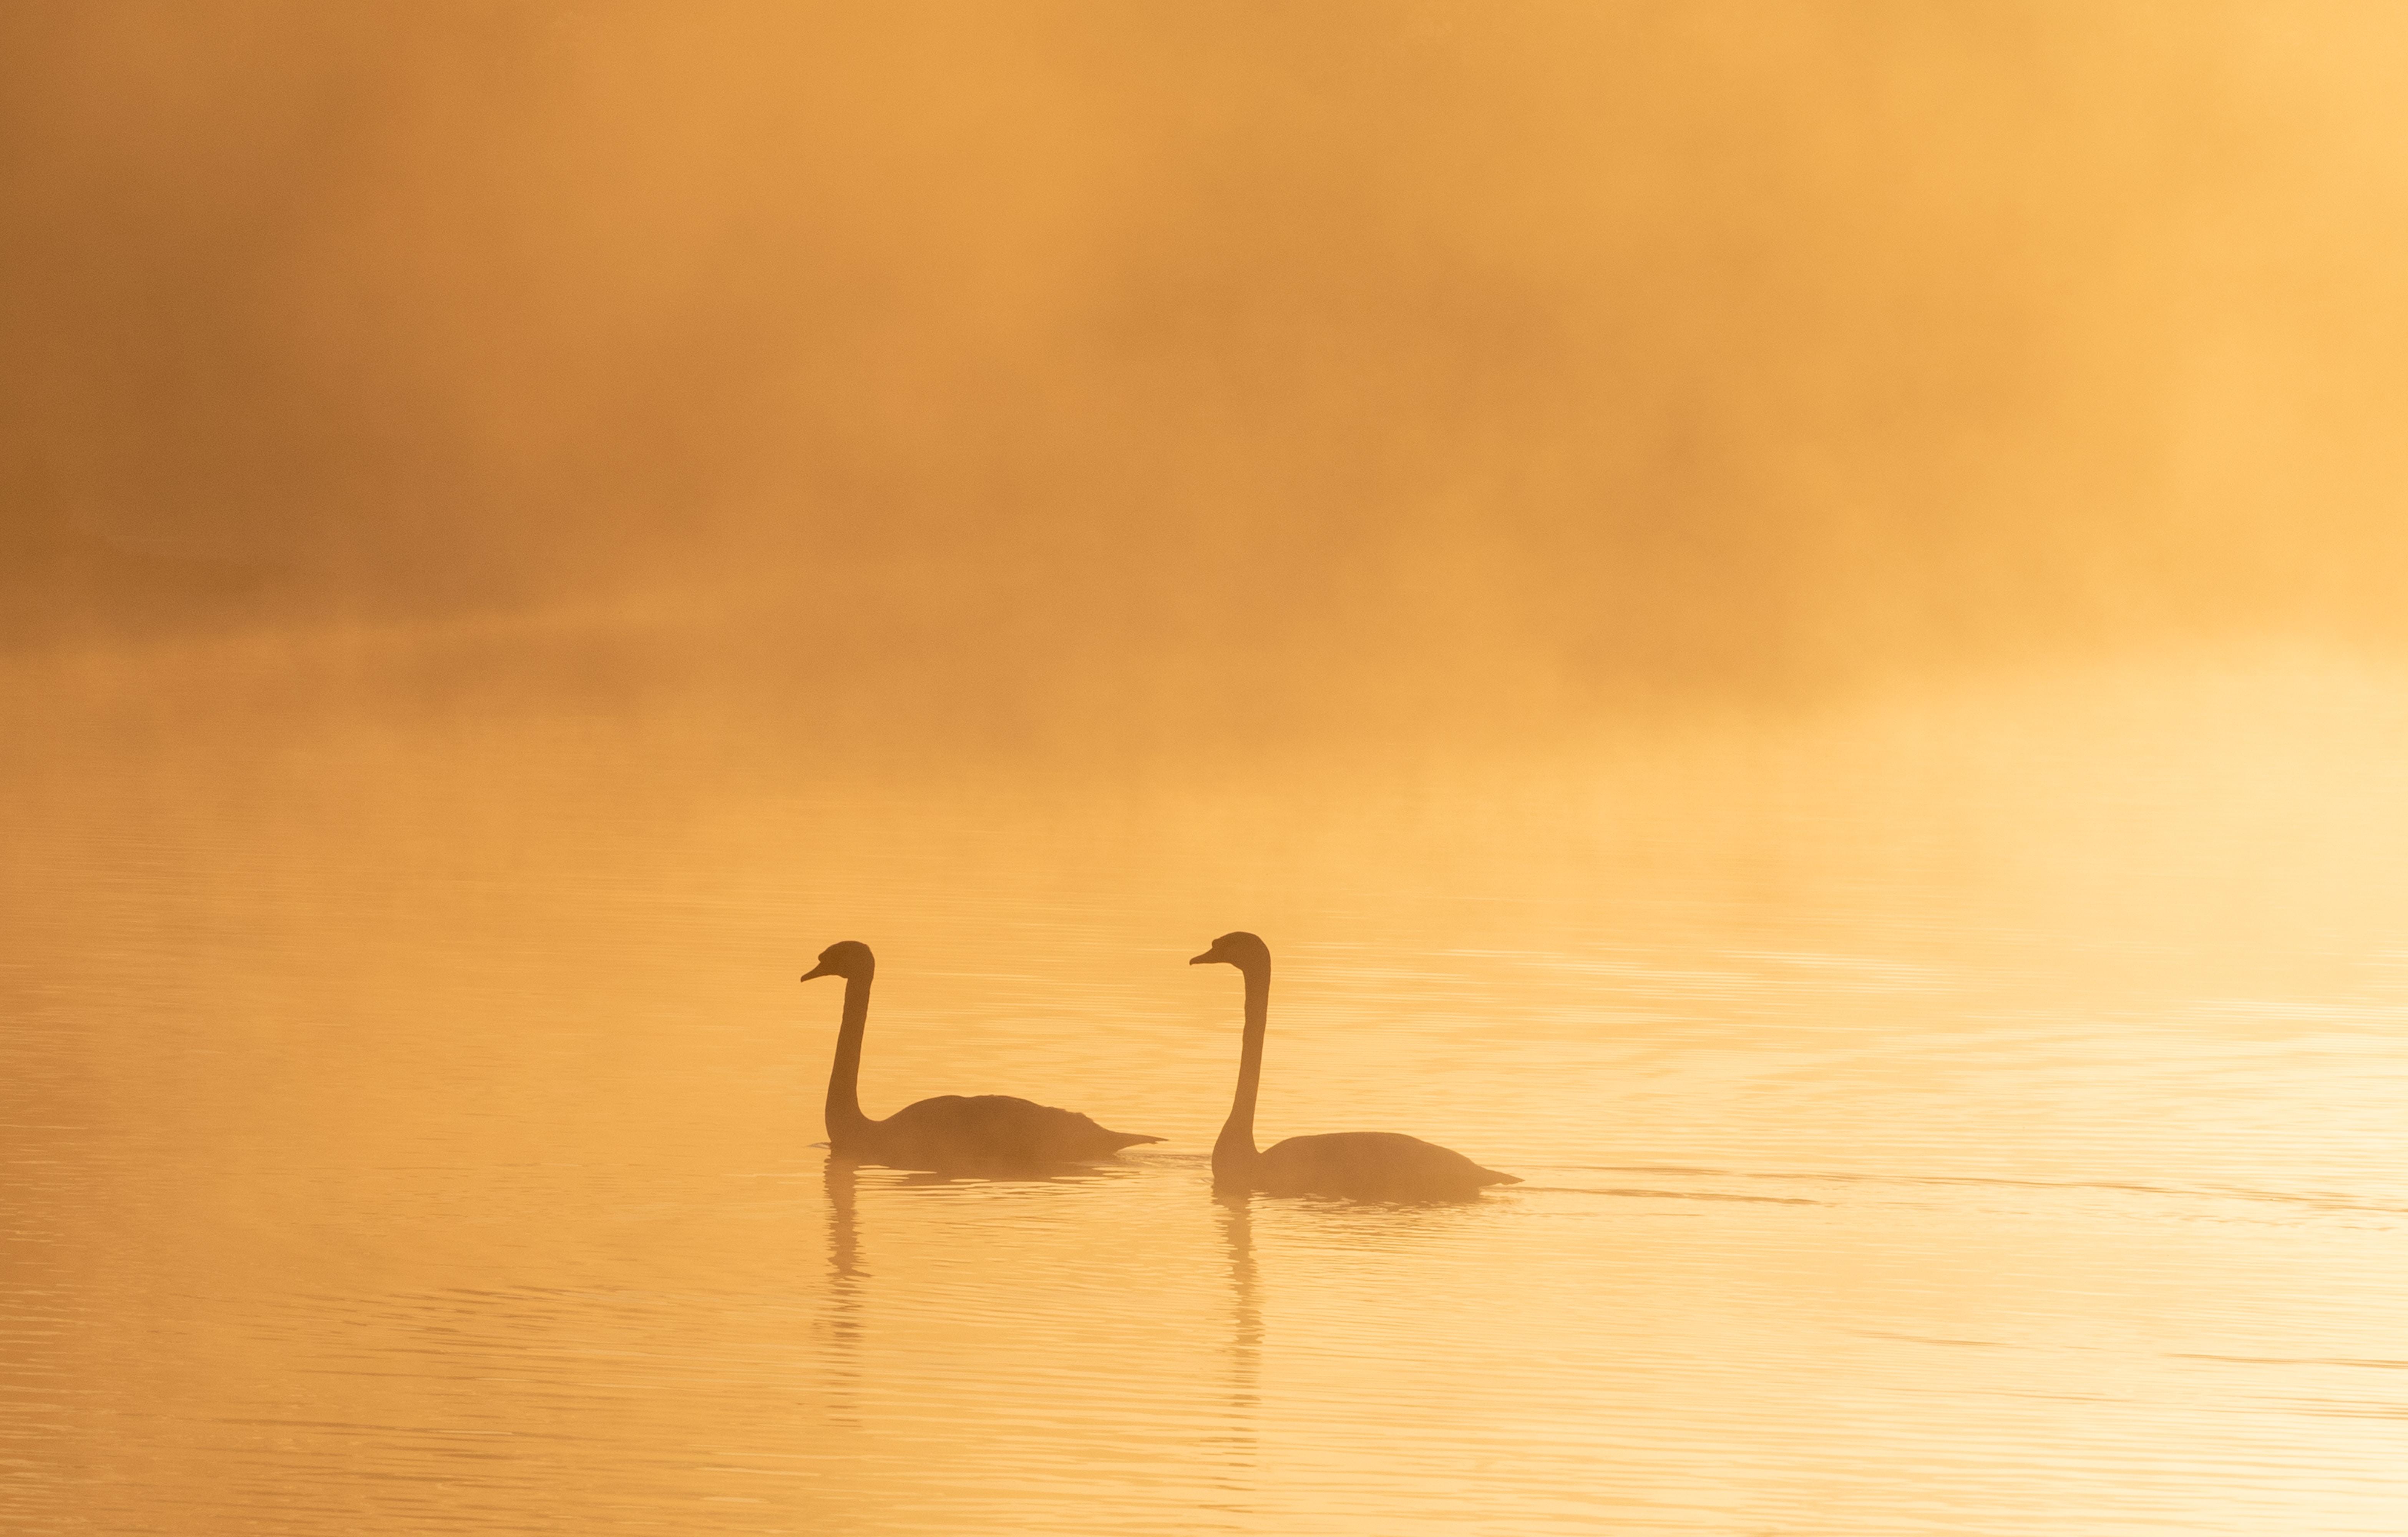 61072 Hintergrundbild herunterladen Tiere, Vögel, Swans, Nebel, Silhouetten, Dämmerung, Twilight - Bildschirmschoner und Bilder kostenlos